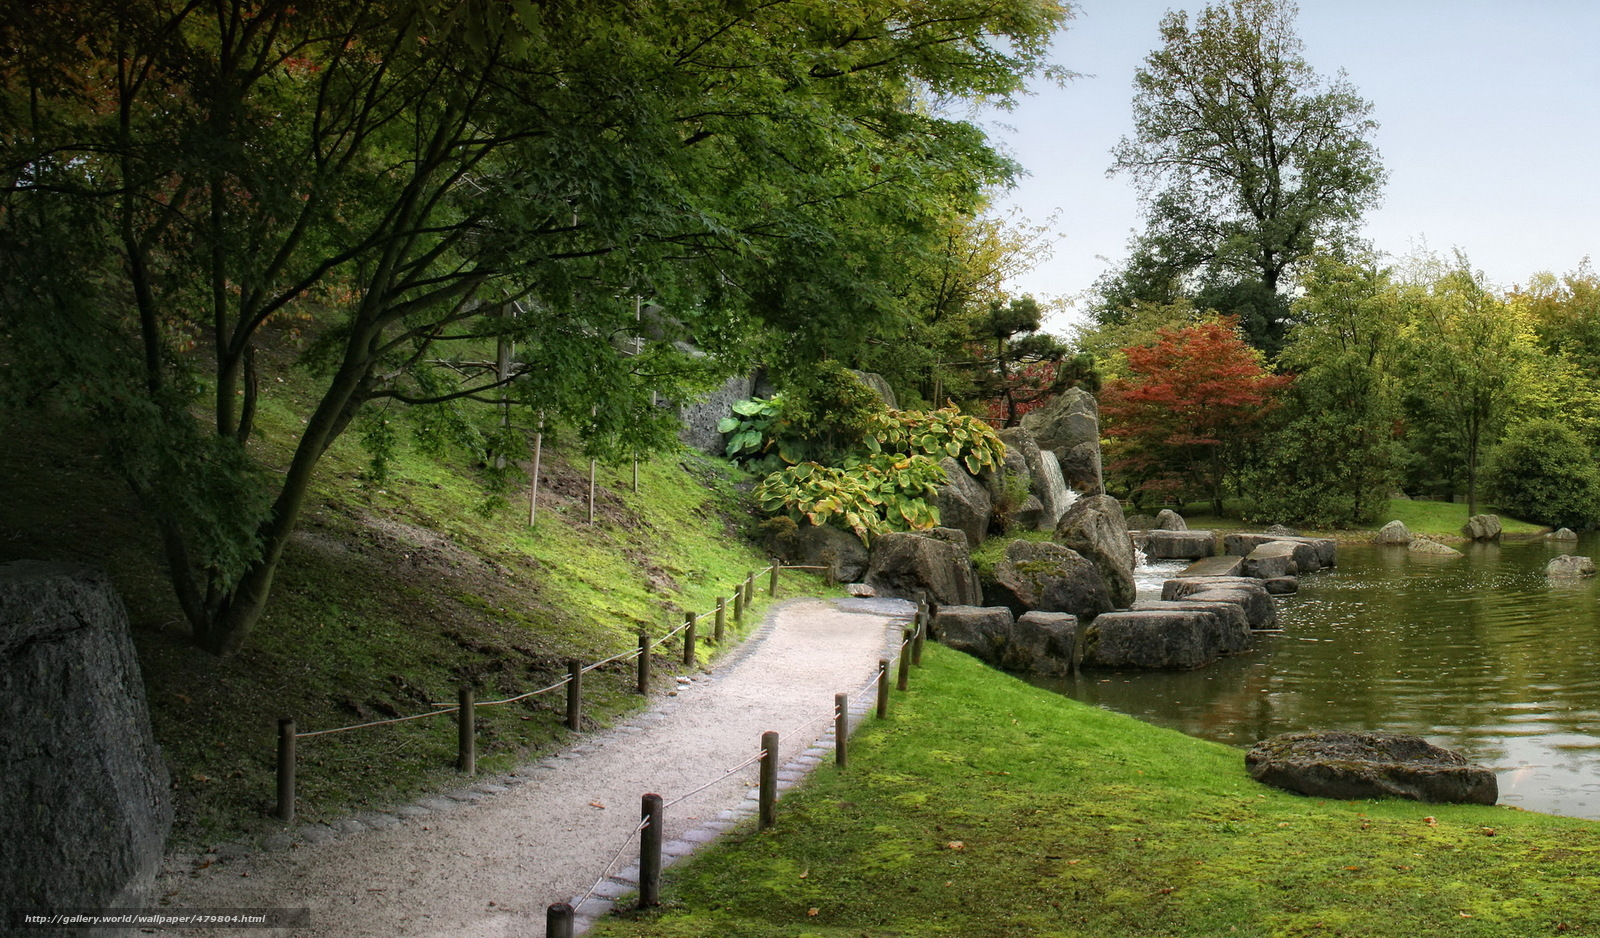 Tlcharger fond d 39 ecran jardins belgique japanese hasselt nature fonds d 39 ecran gratuits pour for Ecran de jardin belgique